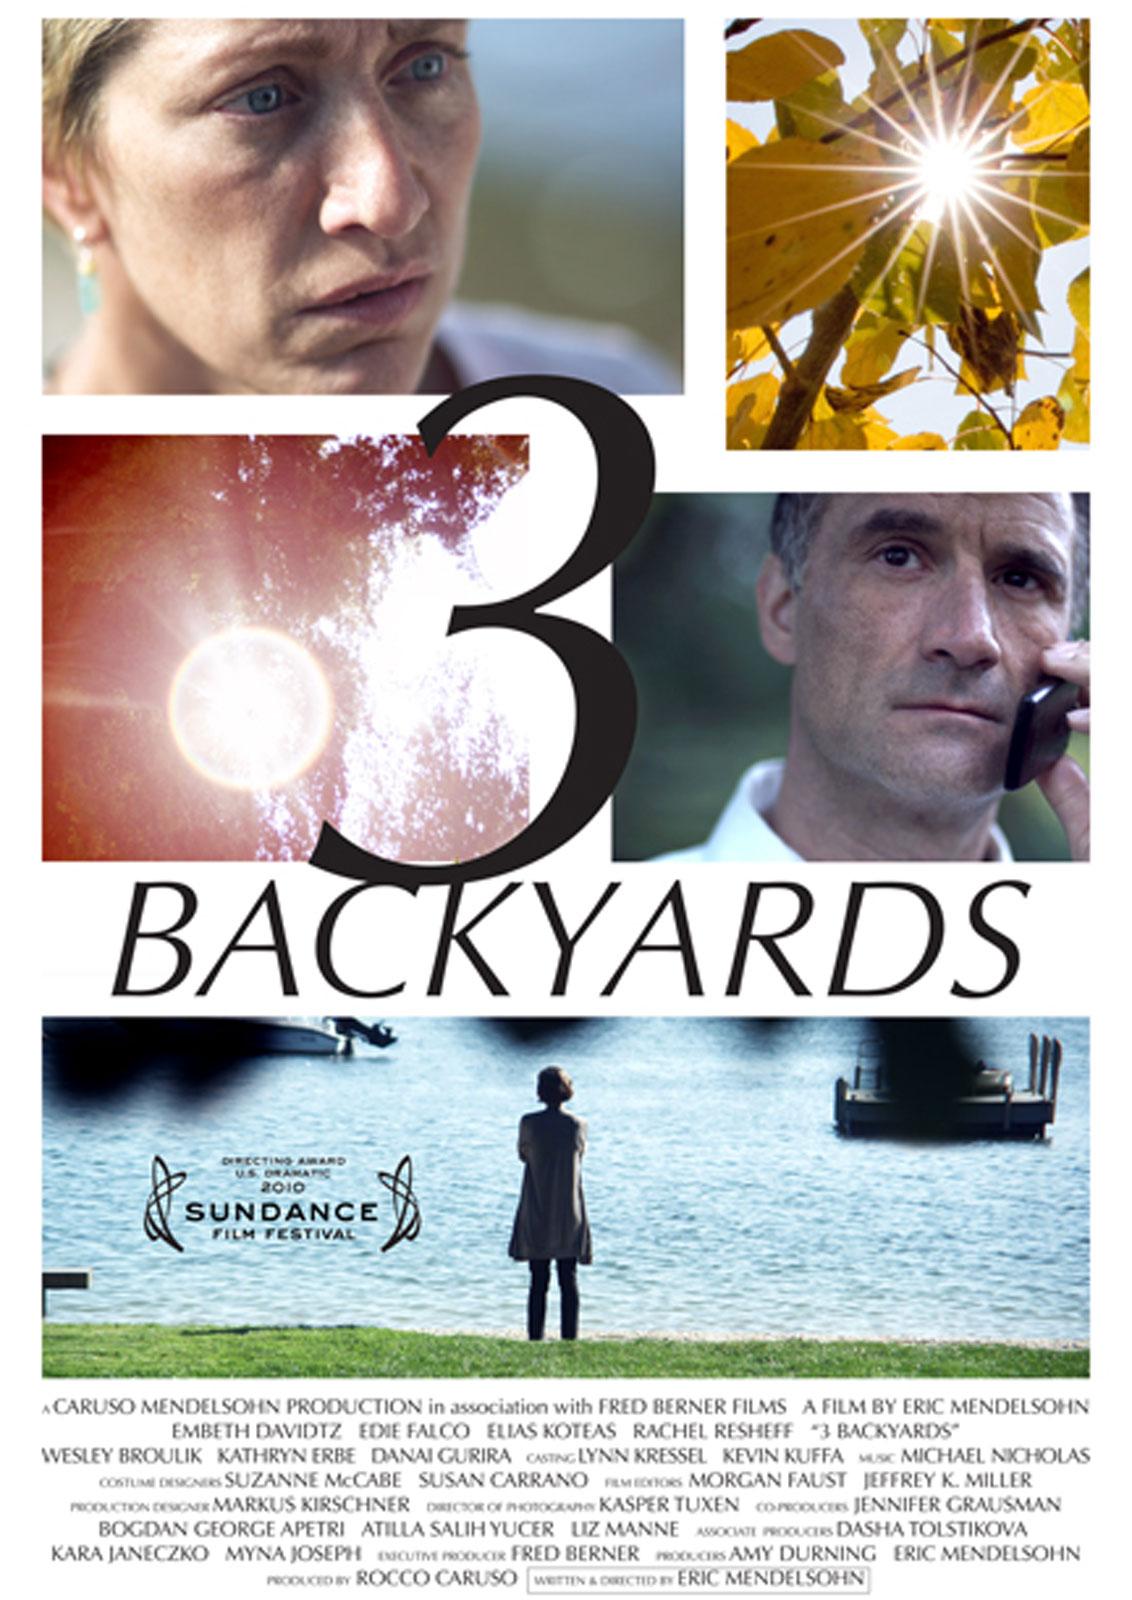 3 Backyards (2010)